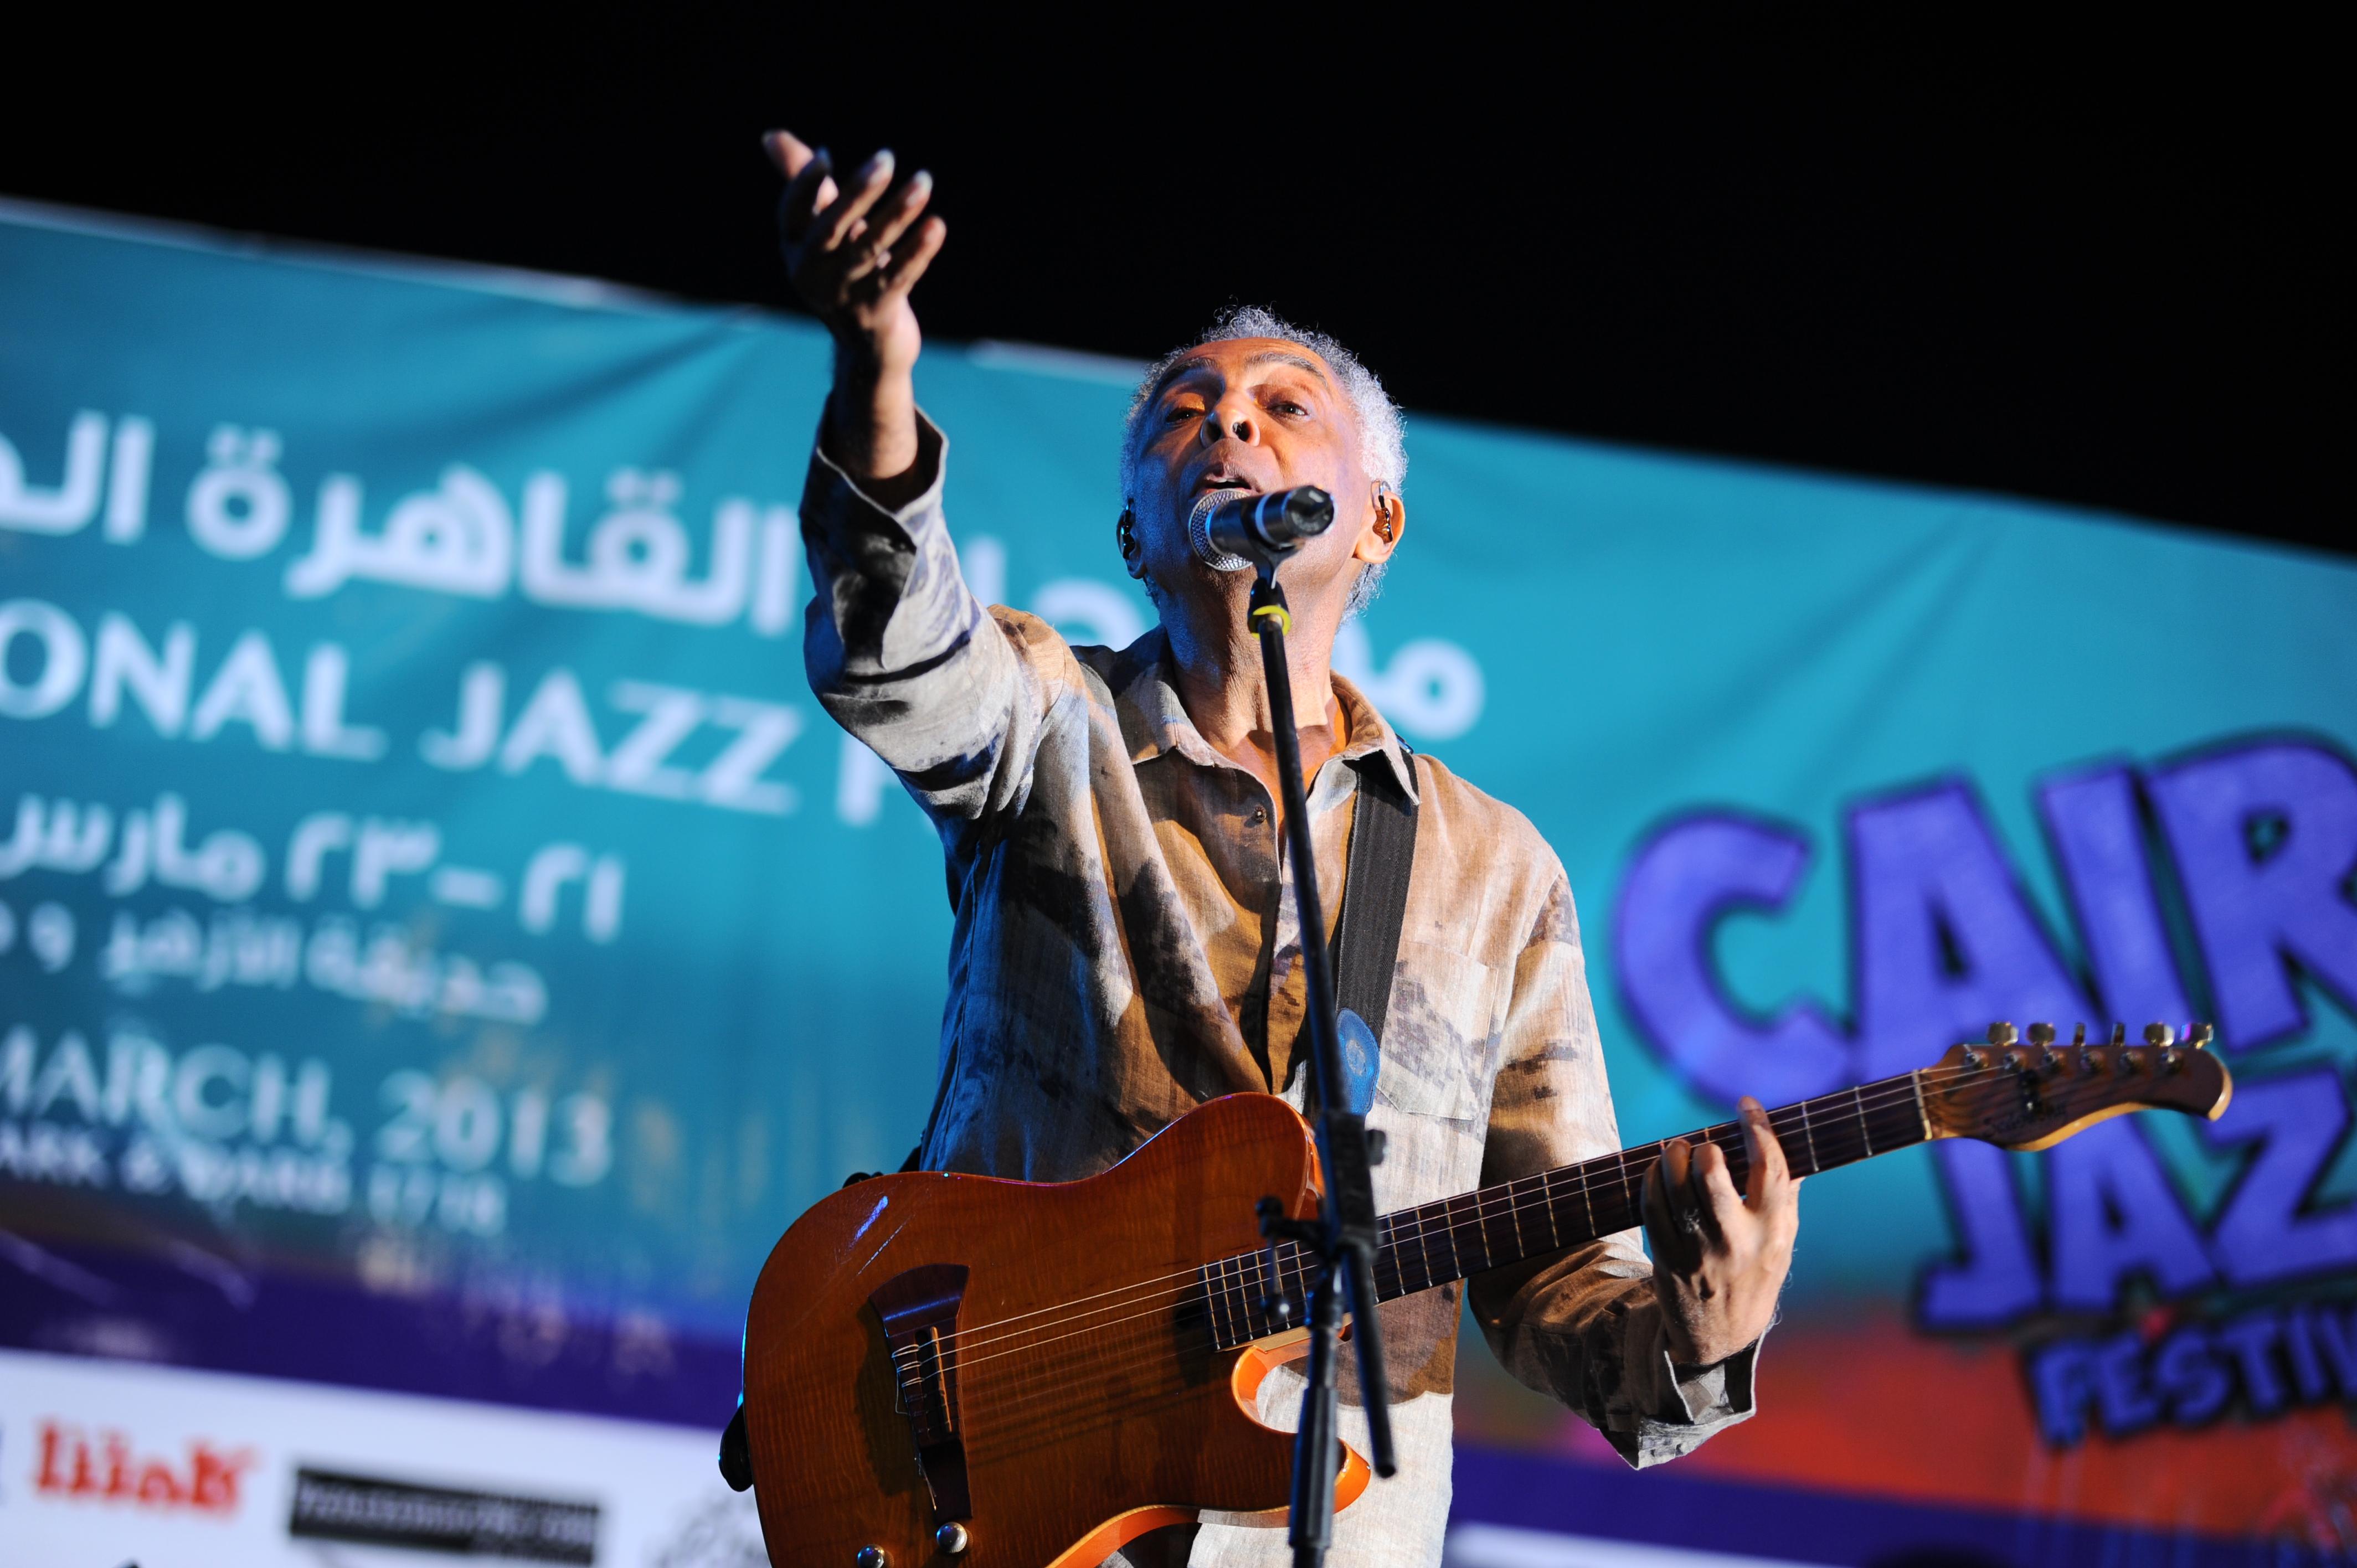 Gilberto Gil2